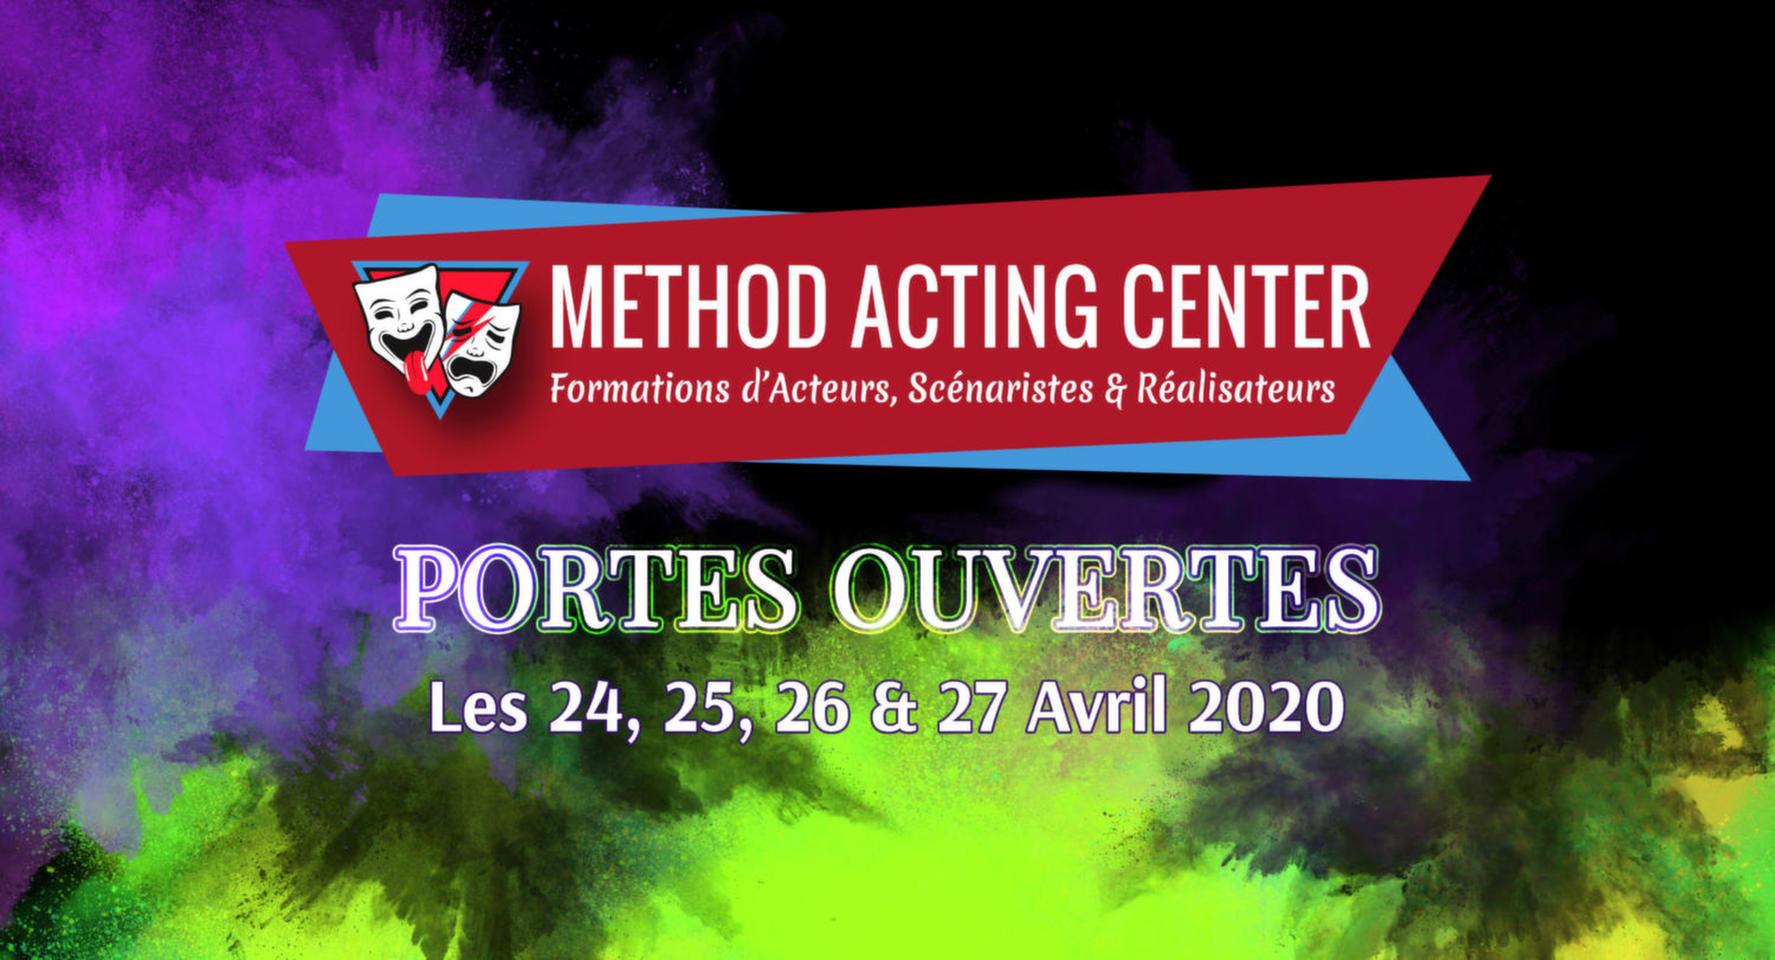 Portes Ouvertes Avril 2020 - Method Acting Center<br /><br />Method Acting Center, formations d'Acteurs, Scénaristes & Réalisateurs pour le Cinéma & le Théâtre,<br />vous propose de participer à ses Portes Ouvertes, durant lesquelles vous pourrez tester gratuitement l'ensemble de ses ateliers en prévision de l'année 2020/2021 :<br /><br />LES 24, 25, 26 & 27 AVRIL 2020<br />de 11h00 à 21h00,<br />au 93 avenue d'Italie, Paris 13e<br /><br />FORMATIONS 2019/2020 : <br />ACTORS STUDIO / ACTING in ENGLISH / SCÉNARIO & RÉALISATION /<br />ACTING on CAMERA / IMPROVISATION / CHANT / DANSE /<br />COMÉDIE MUSICALE / COURS D'ANGLAIS / ACTING pour ADOS / <br /><br />Début des cours : Lundi 21 Septembre 2020<br />Pour chacune de ces formations, vous aurez la possibilité de tester gratuitement 1 ou plusieurs cours.<br /><br />NOTRE ENGAGEMENT QUALITÉ : <br />- Une approche bienveillante et pragmatique de la méthode<br />- Des cours non surchargés, la possibilité de passer très régulièrement vos scènes<br />- Des coaches en activité dans le milieu du cinéma et du spectacle<br />- Un suivi personnalisé et adapté à chaque profil d'acteur<br />- Une ambiance générale qui favorise l'entraide et non la compétition<br />- Une souplesse quand à vos obligations professionnelles<br />- Une équipe pédagogique à votre écoute pour vos doutes & questions<br />- Des salles adaptées à chaque type d'atelier<br />- La possibilité de répéter gratuitement vos scènes dans nos locaux<br /><br />INFO & RÉSERVATION : <br />- L'accès à tous les cours d'essais est libre et gratuit, seule compte votre motivation !<br />- Pour tous les cours d'essais, merci de penser à réserver en ligne :<br />https://www.methodacting.fr/portes-ouvertes/<br /><br />CONTACT : <br />06 07 41 41 25<br />contact@methodacting.fr<br />www.methodacting.fr